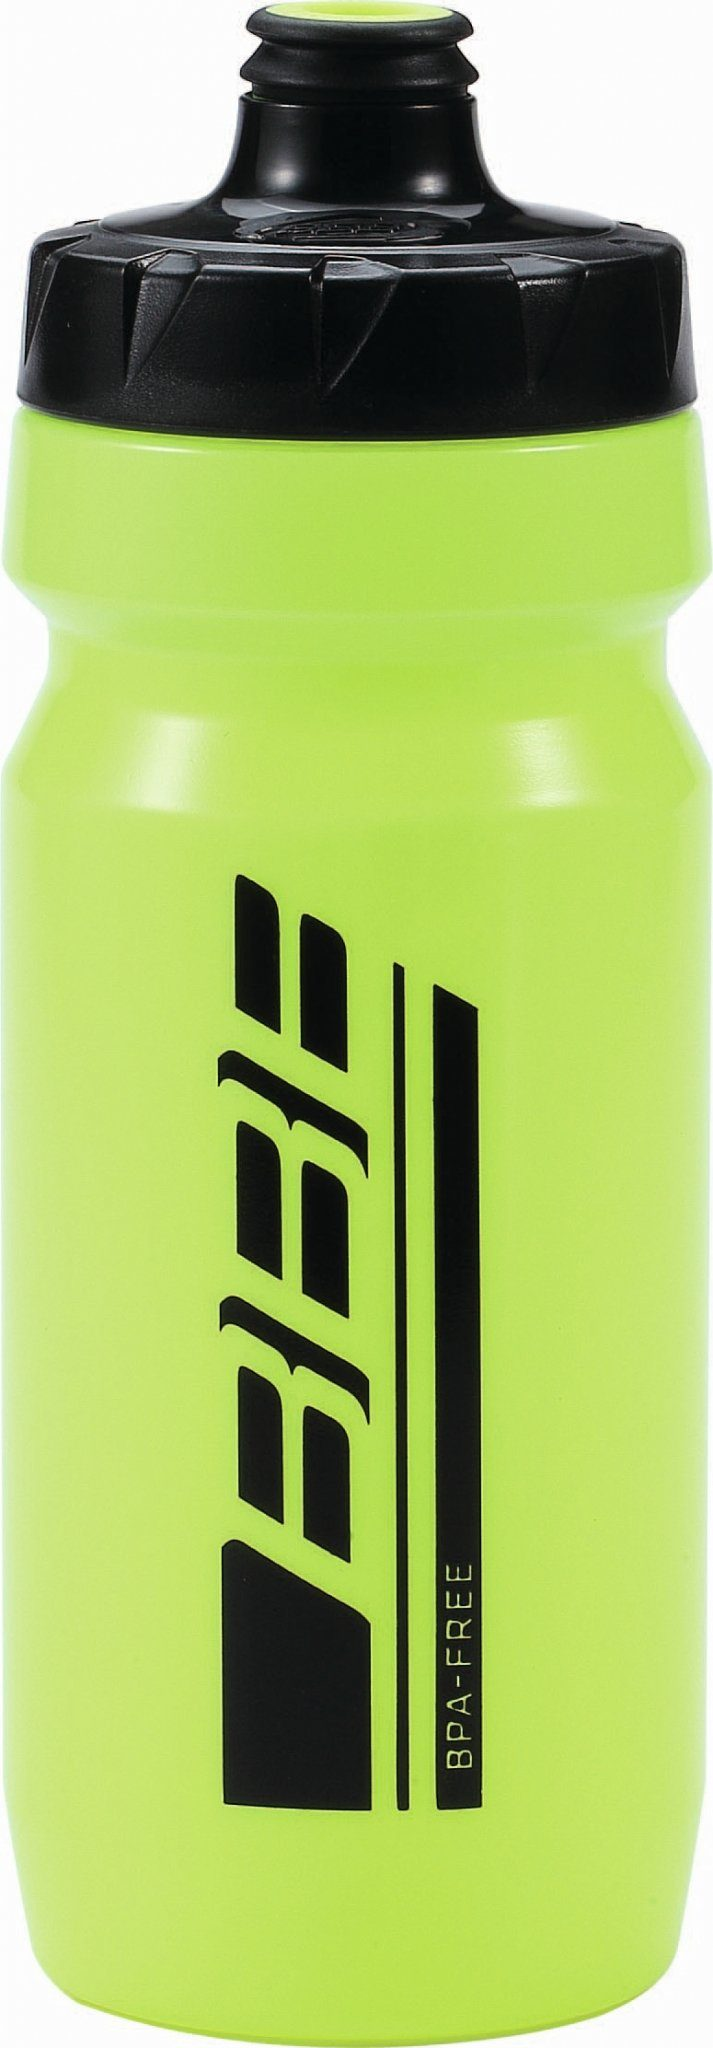 BBB Trinkflasche »AutoTank BWB-11«